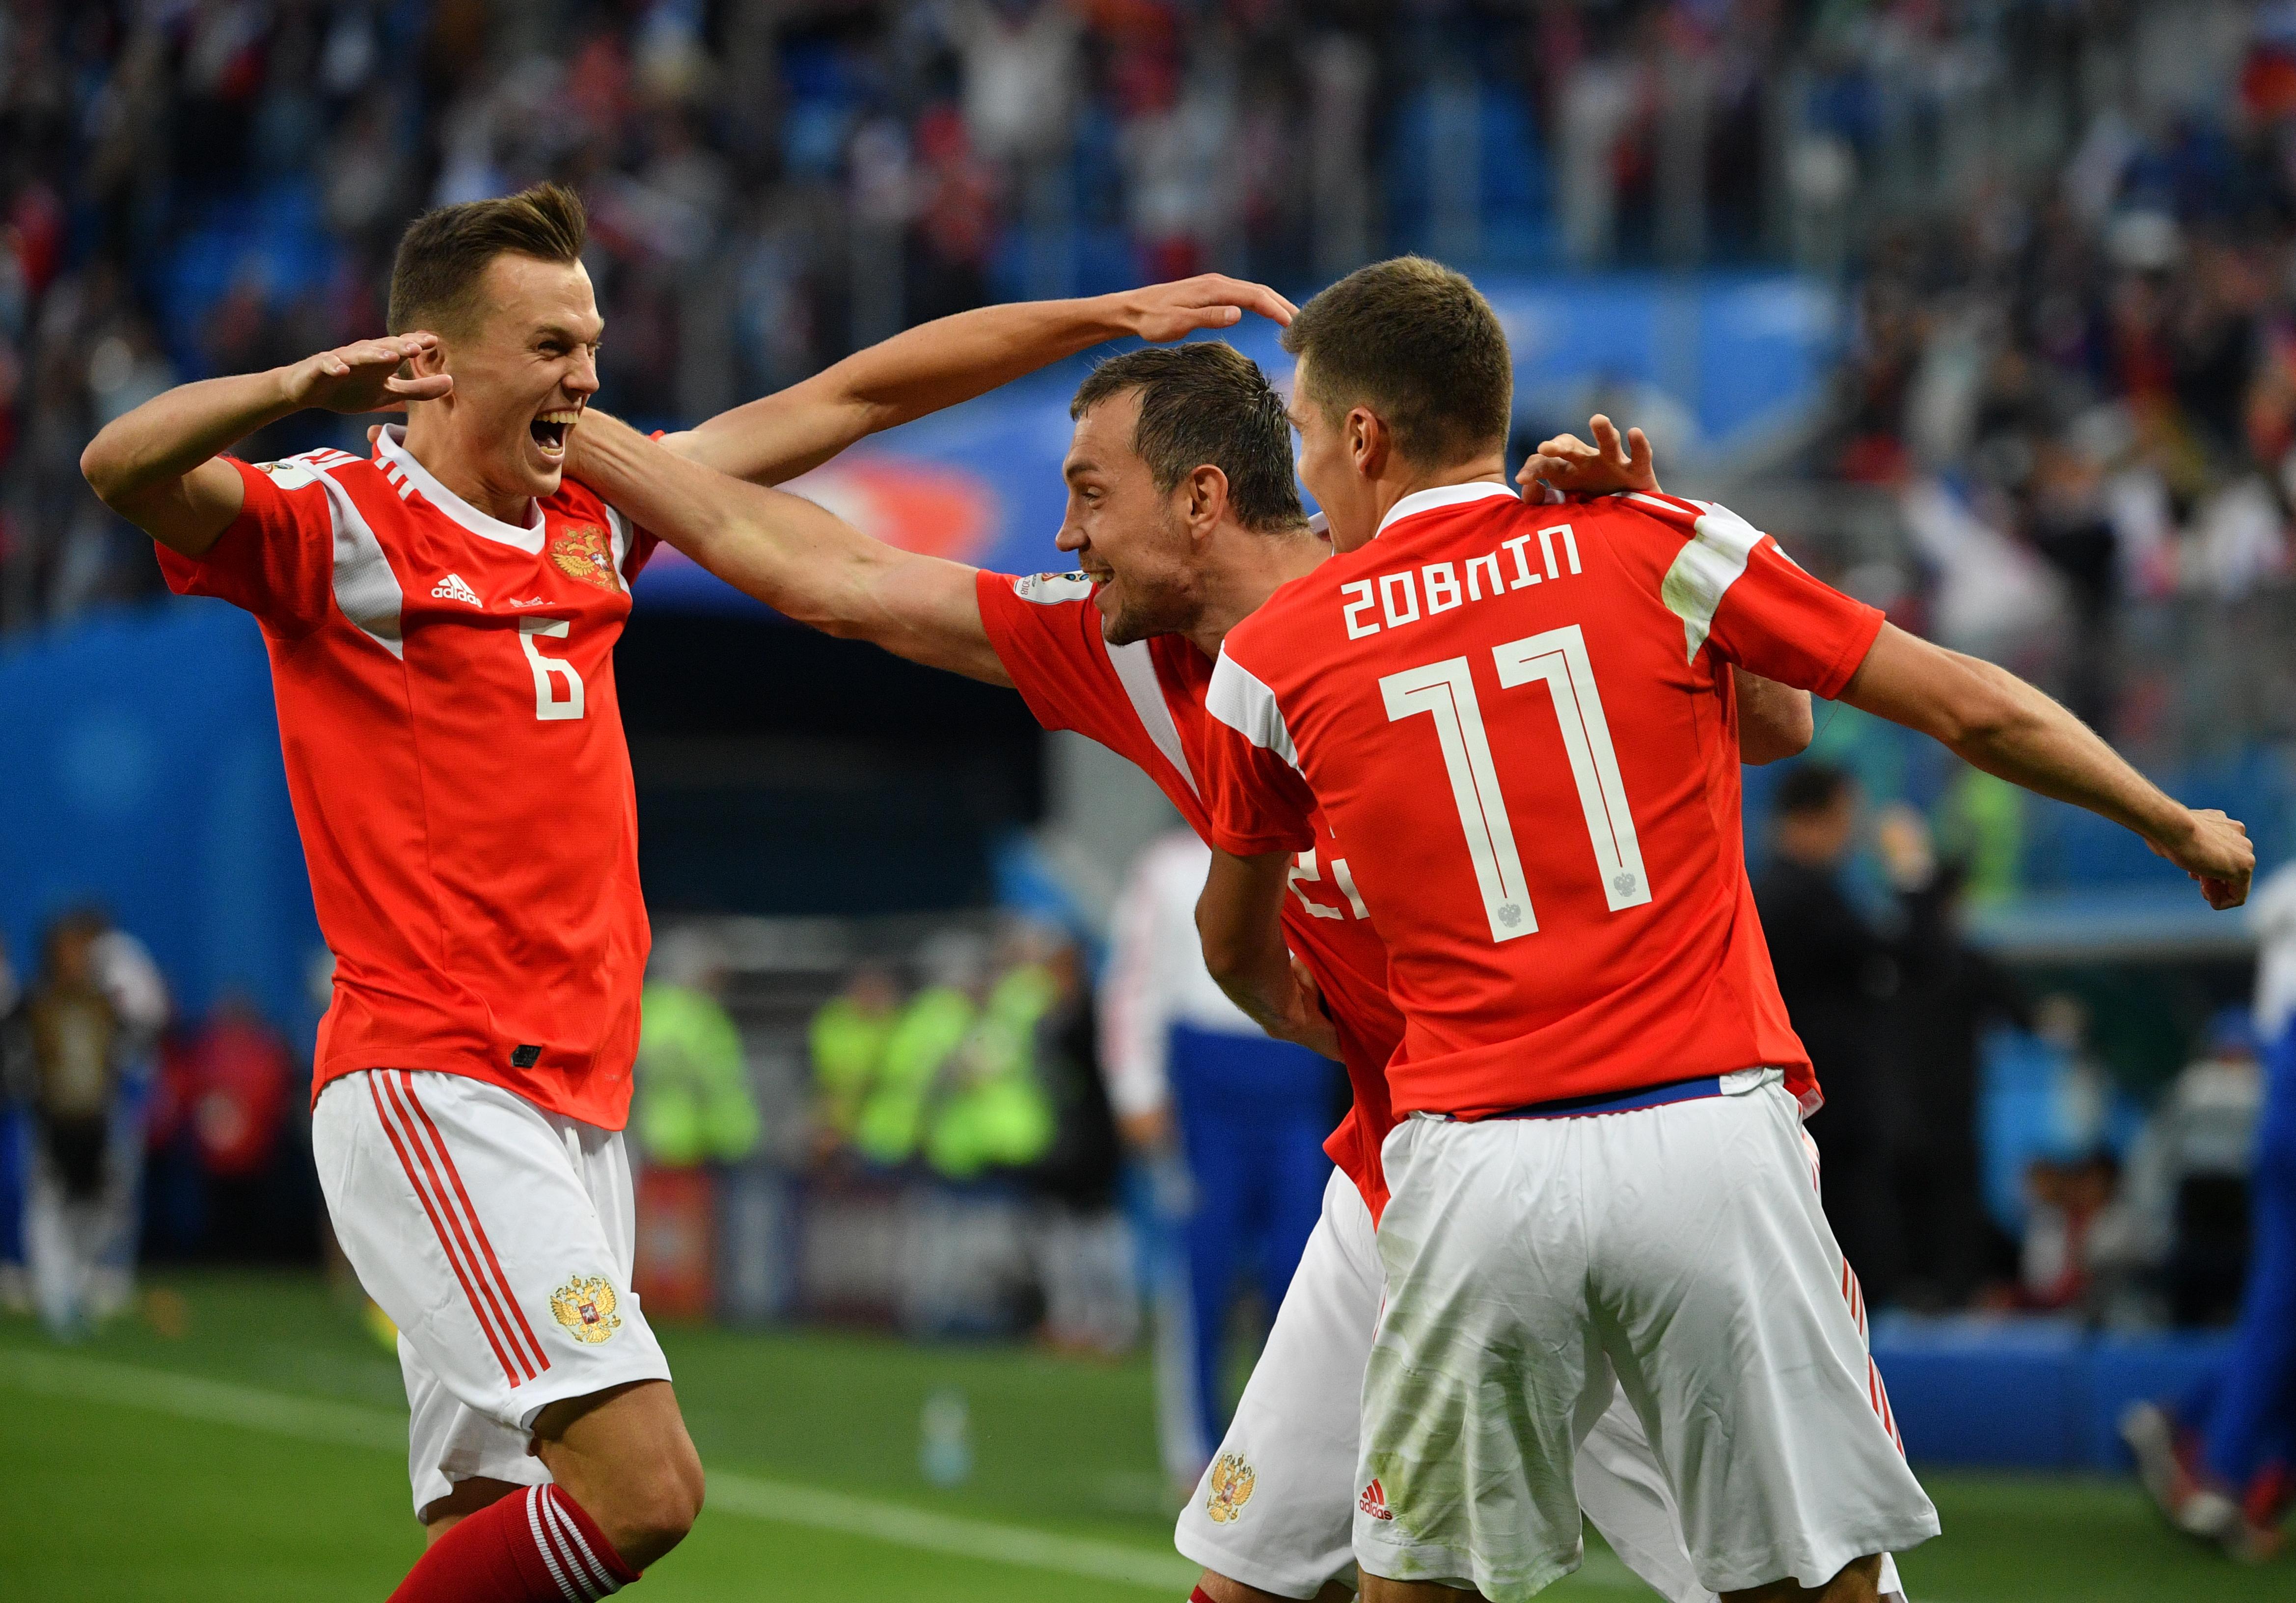 Прогноз на матч Россия - Египет 19 июня 2018